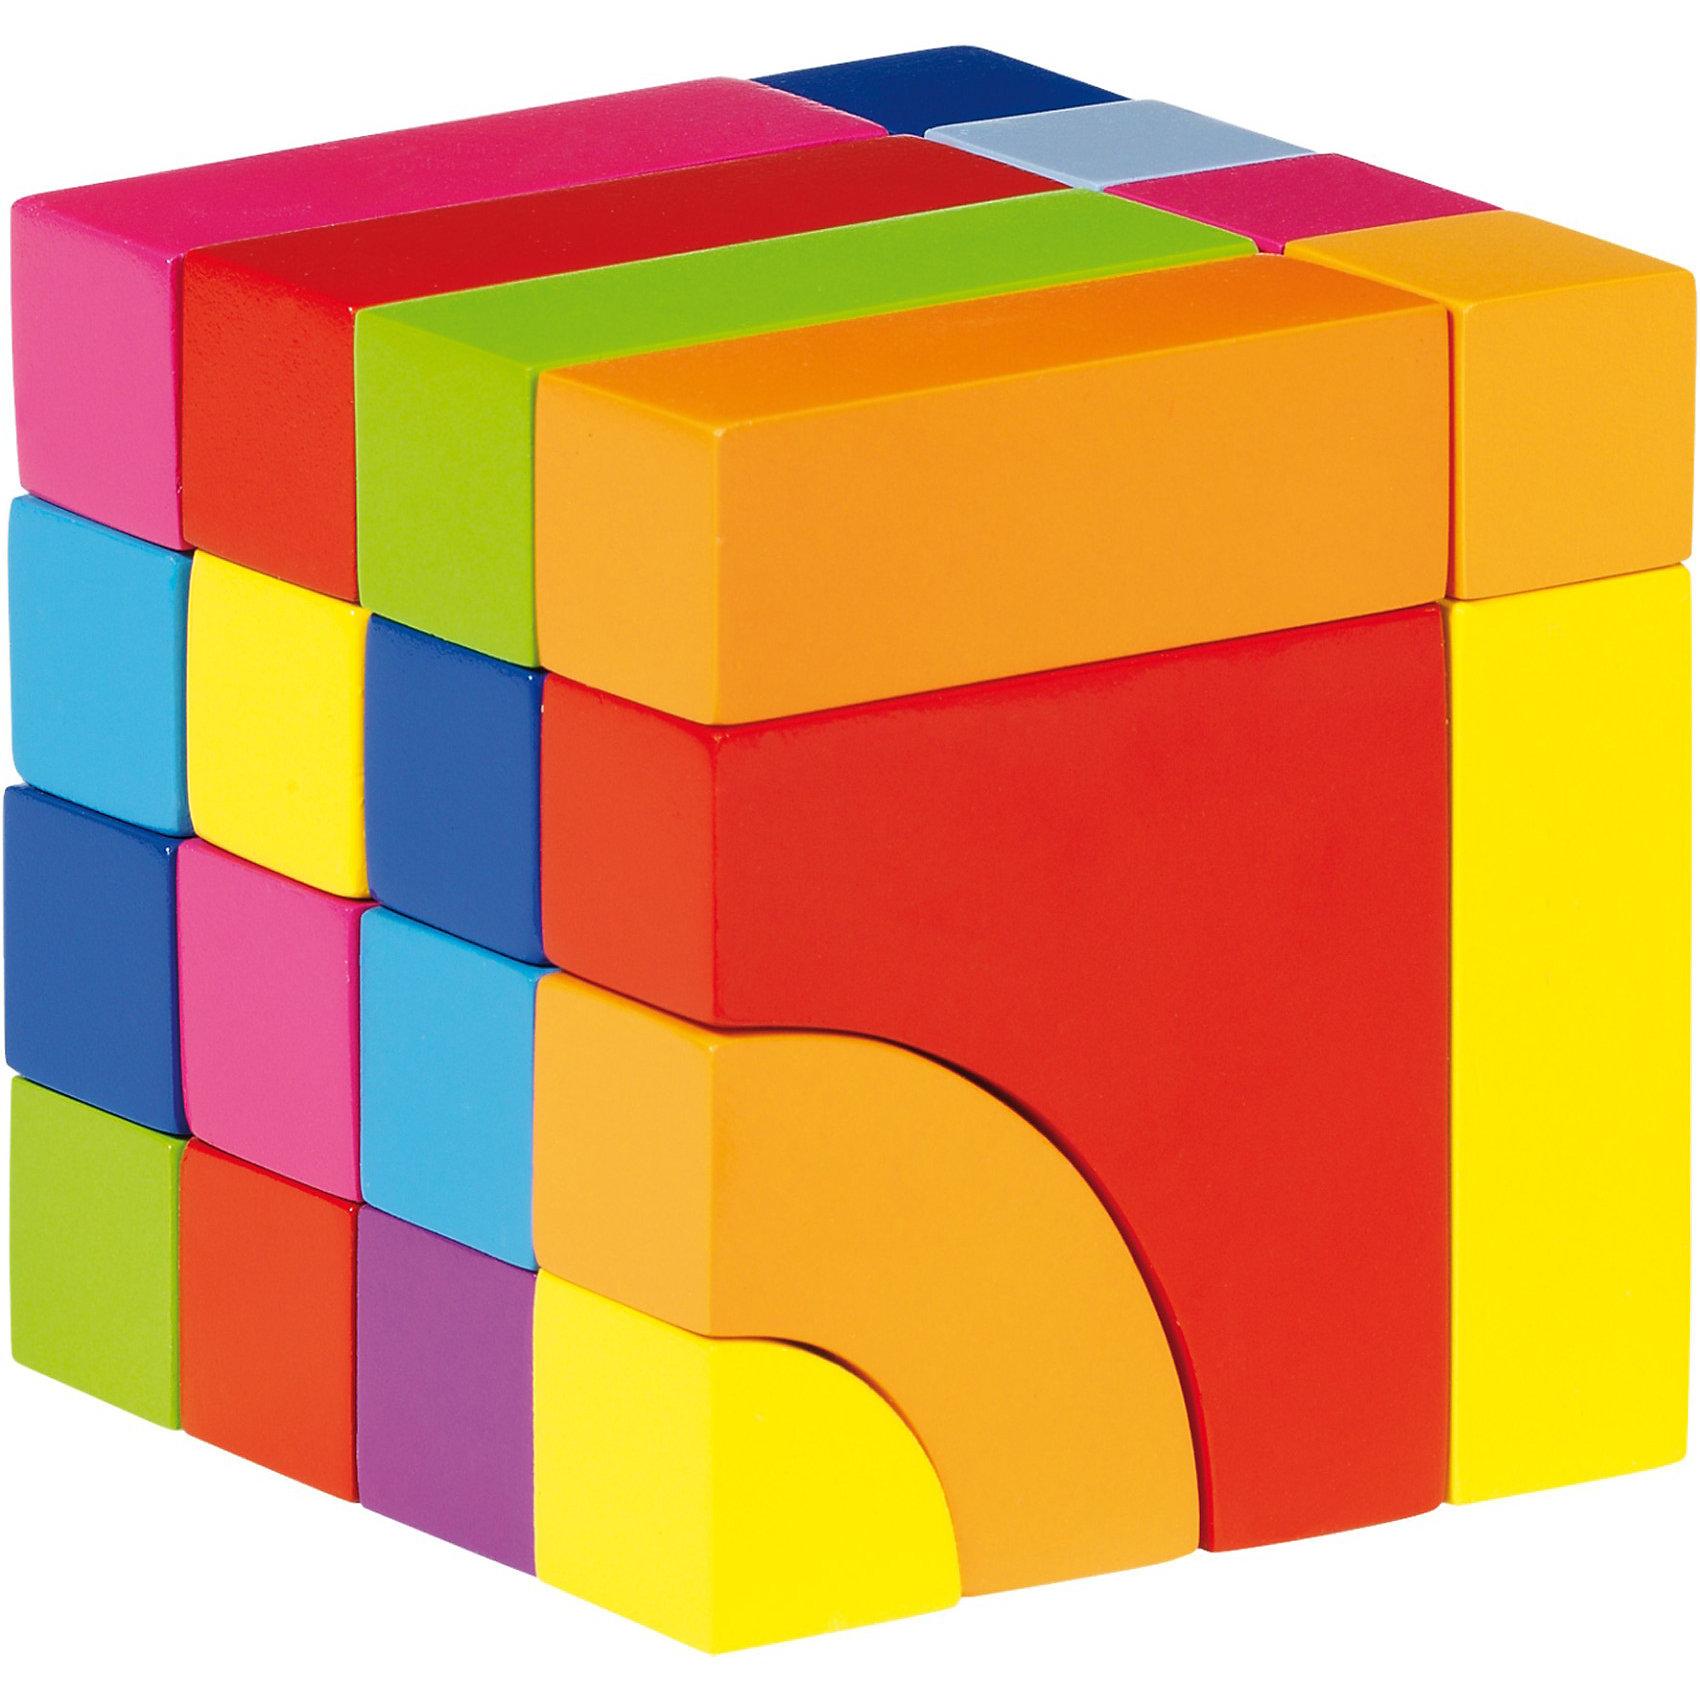 Строительные кубики и Пазл-головоломка, gokiСтроительные кубики и Пазл-головоломка, goki (Гоки)<br><br>Характеристики:<br><br>• можно использовать как головоломку, кубики или мозаику<br>• яркие краски<br>• в комплекте: 24 детали<br>• материал: дерево<br>• размер: 10х10х10 см<br><br>Строительные кубики и Пазл-головоломка - универсальная игрушка для вашего малыша. Ребенок сможет собрать кубик из разных деталей, используя свое логическое мышление. Разобрав кубик, малыш с легкостью соберет башенку из кубиков или красивую узор, подобно мозаике. Игрушка изготовлена из дерева и покрыта нетоксичными красками, что делает ее безопасной для крохи. Игра поможет развить логику, моторику рук и воображение. Кубик-пазл - отличный вариант для тех, кто хочет провести время с пользой.<br><br>Строительные кубики и Пазл-головоломка, goki (Гоки) можно купить в нашем интернет-магазине.<br><br>Ширина мм: 125<br>Глубина мм: 114<br>Высота мм: 109<br>Вес г: 758<br>Возраст от месяцев: 24<br>Возраст до месяцев: 48<br>Пол: Унисекс<br>Возраст: Детский<br>SKU: 2319502